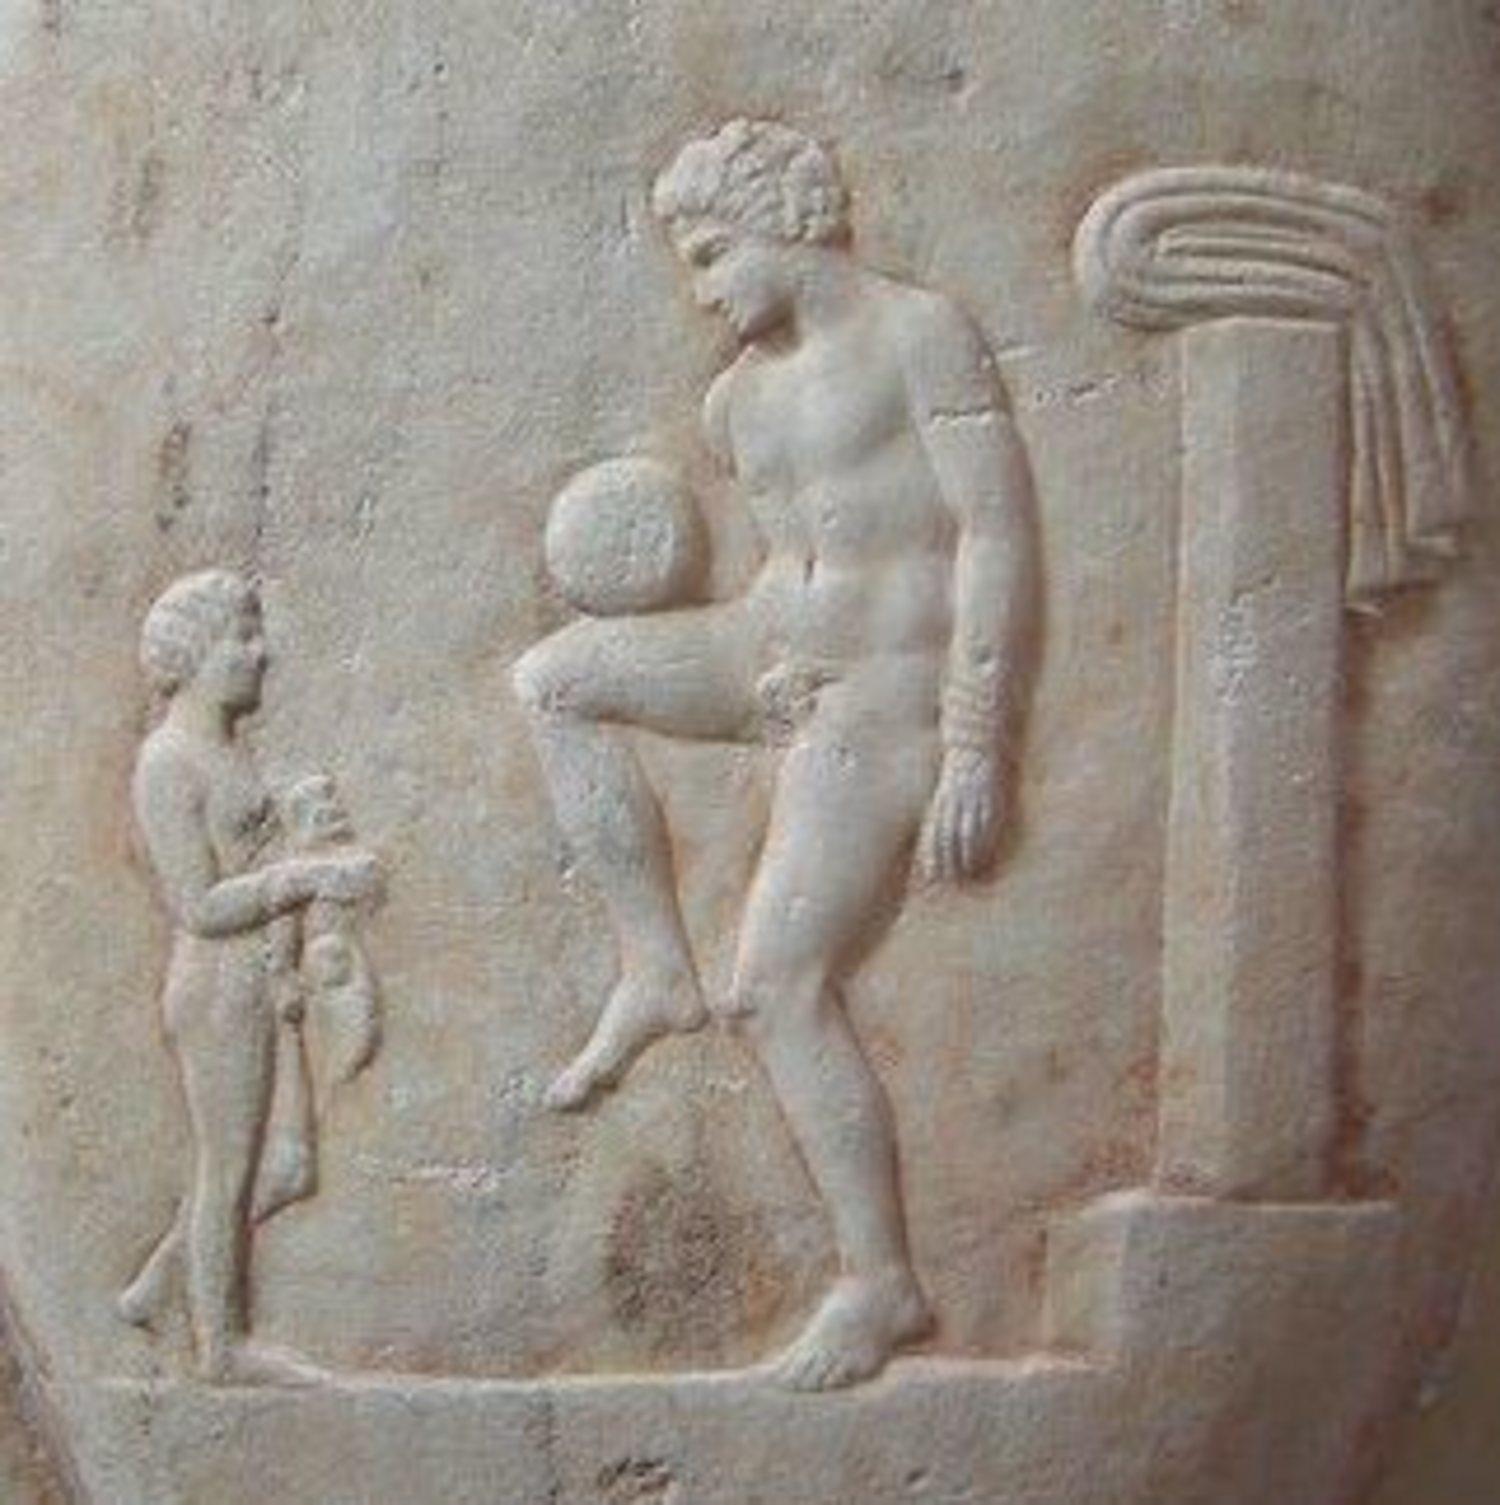 El 'Episkyros', creado en la Antigua Grecia, es considerado por la FIFA como una disciplina precursora del fútbol.